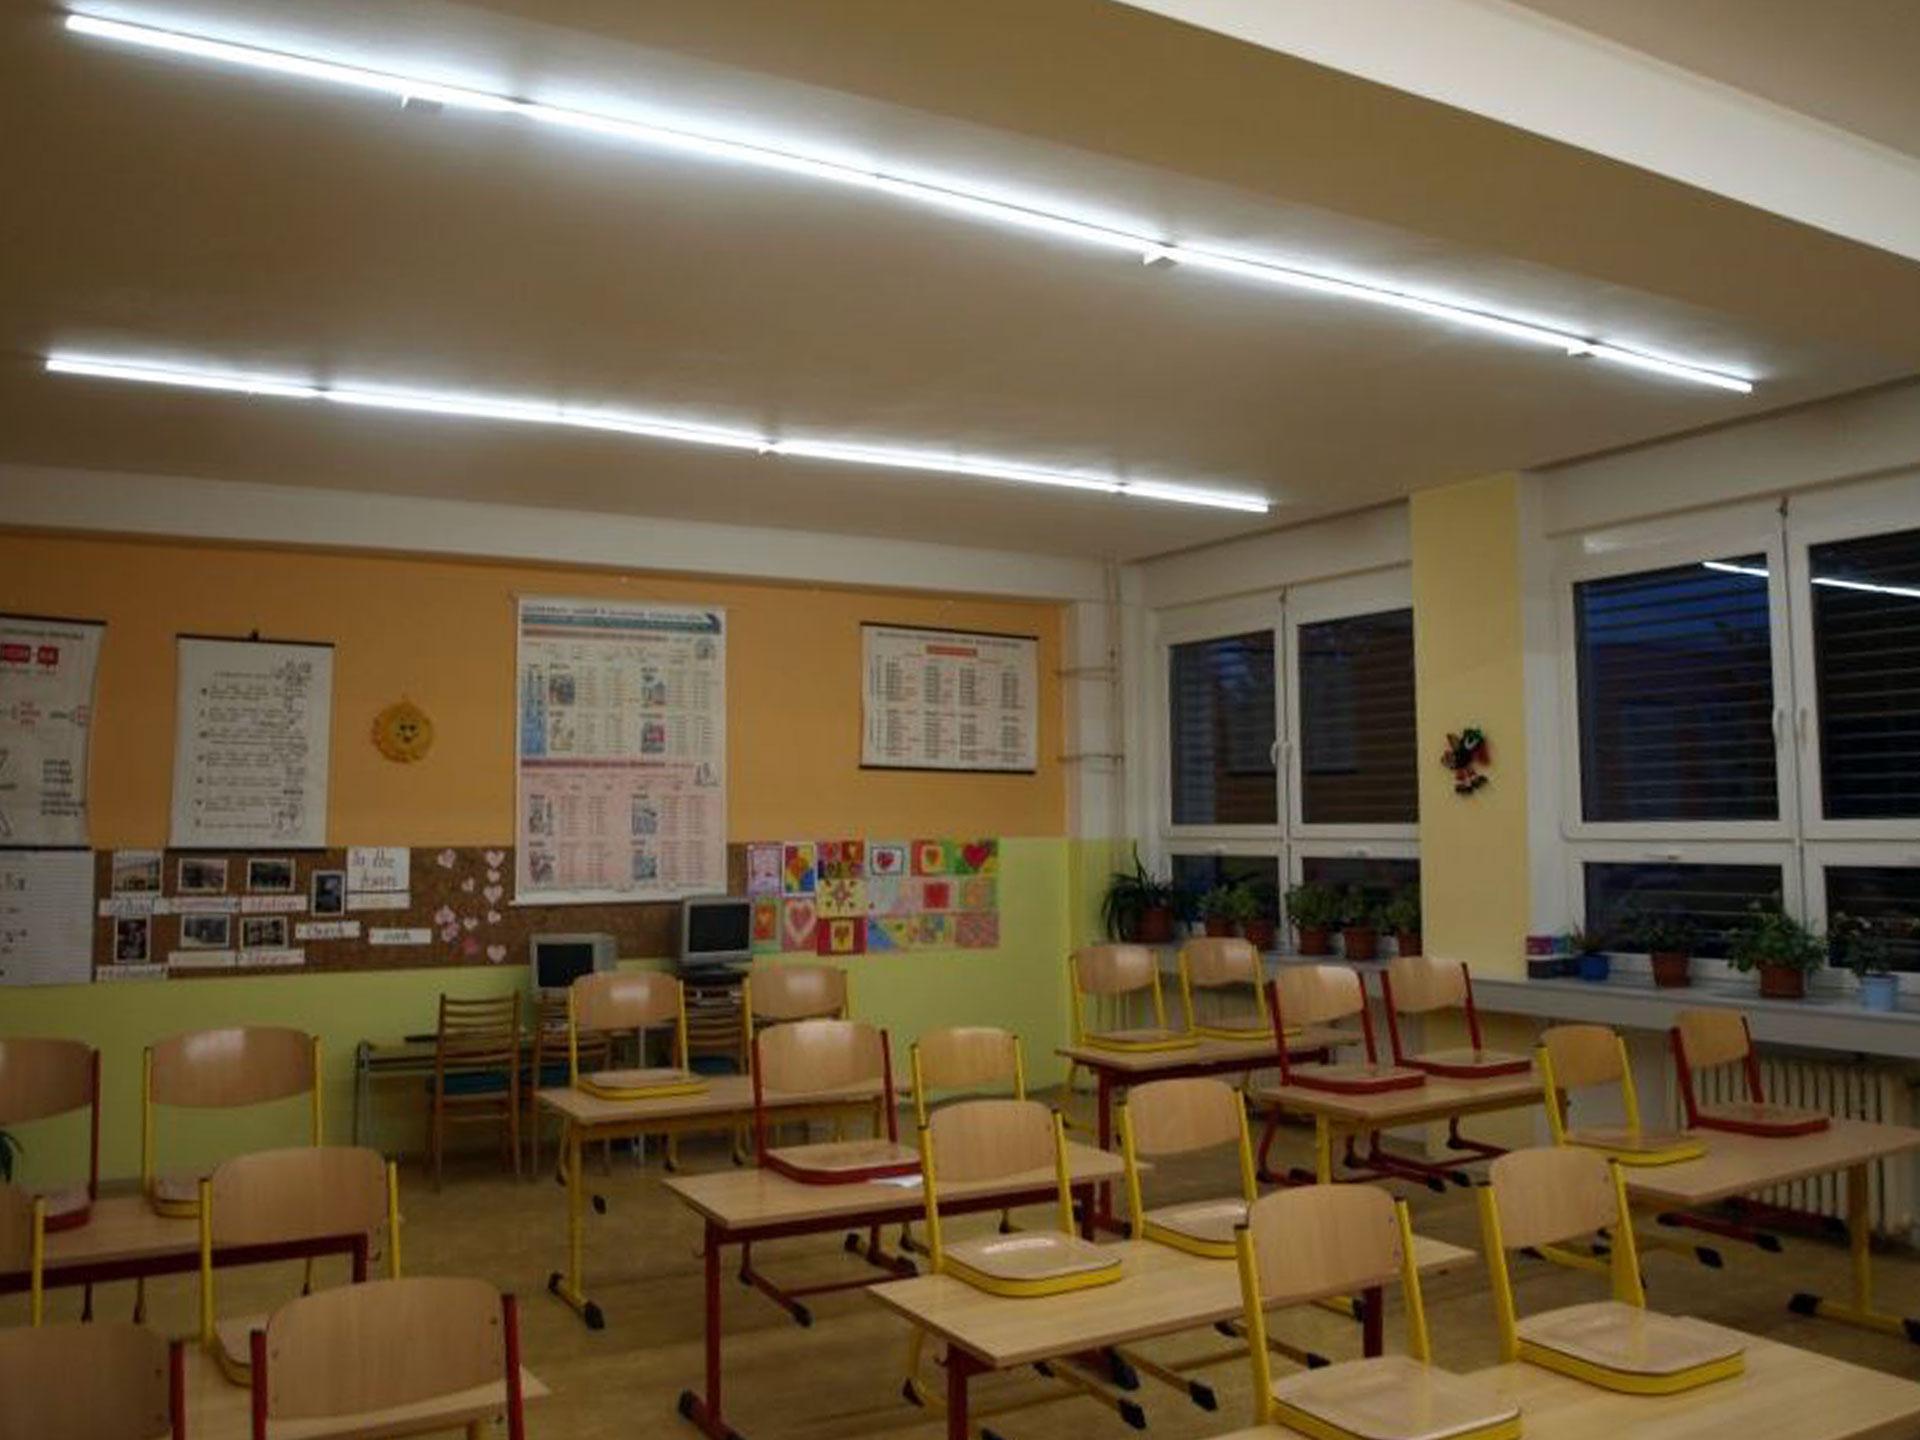 Instalace osvětlení v základní škole, Valašské Klobouky